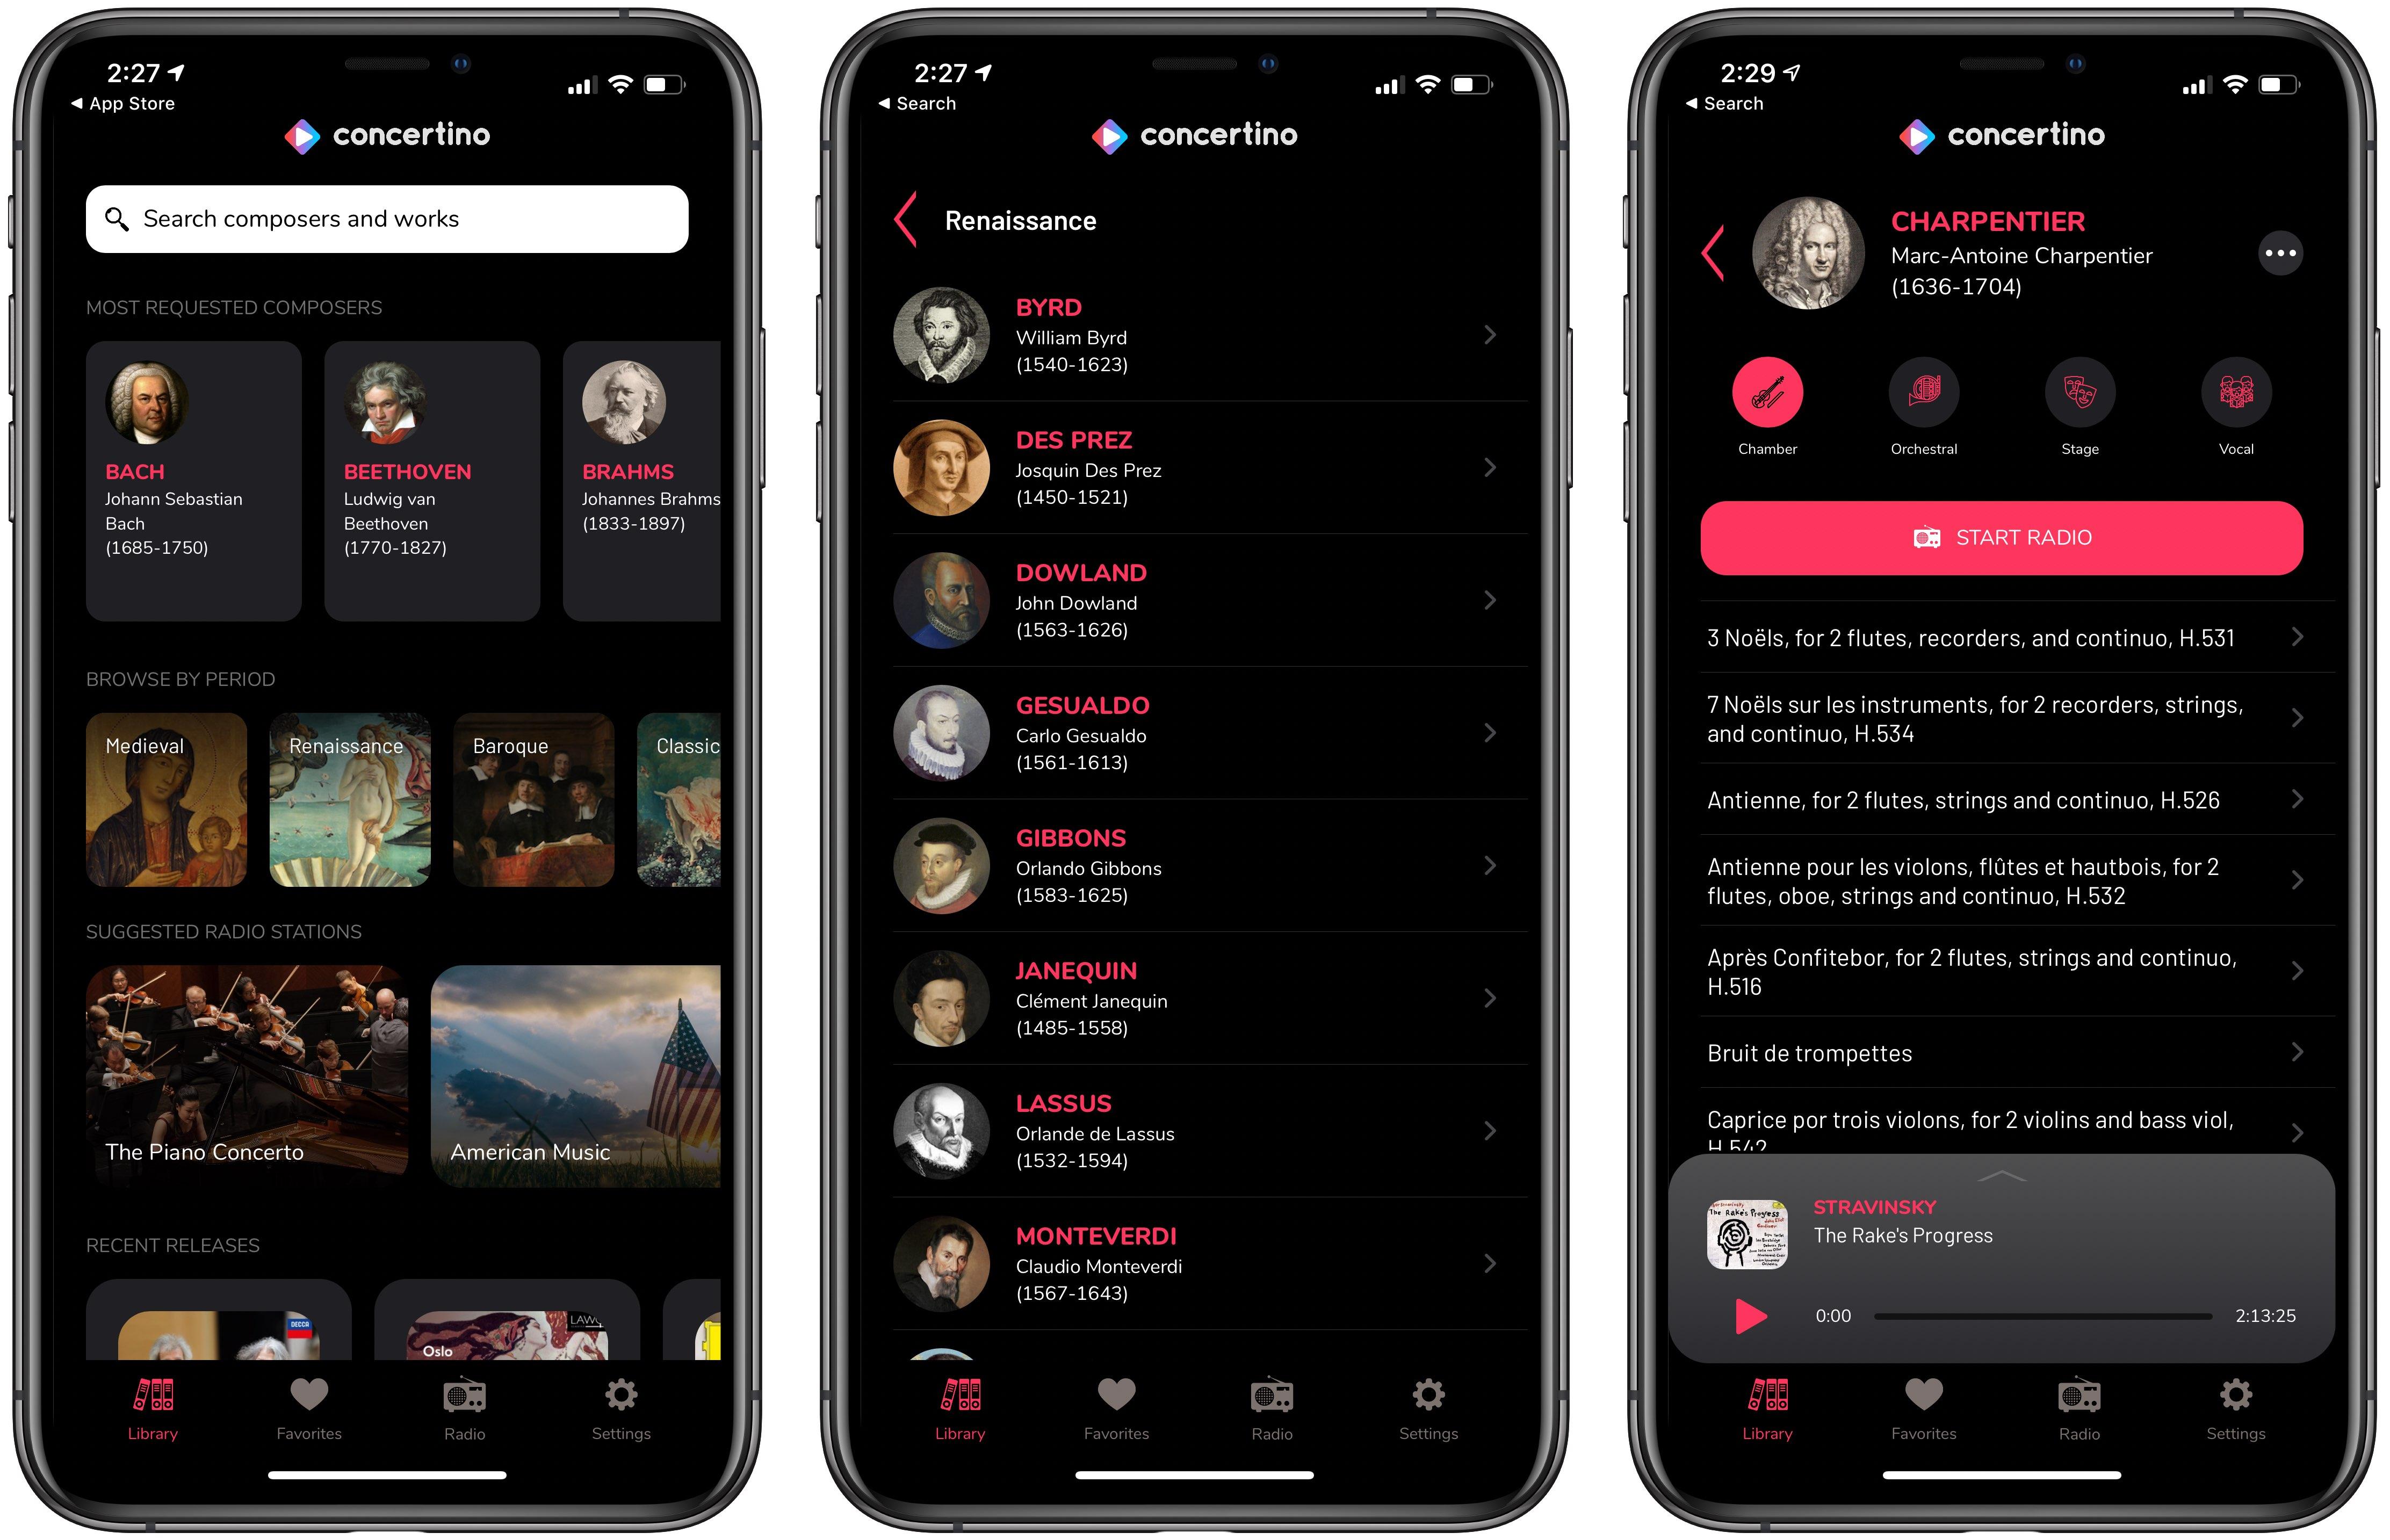 Marcas Concertino para iPhone Apple Música e música clássica finalmente se combinam 1